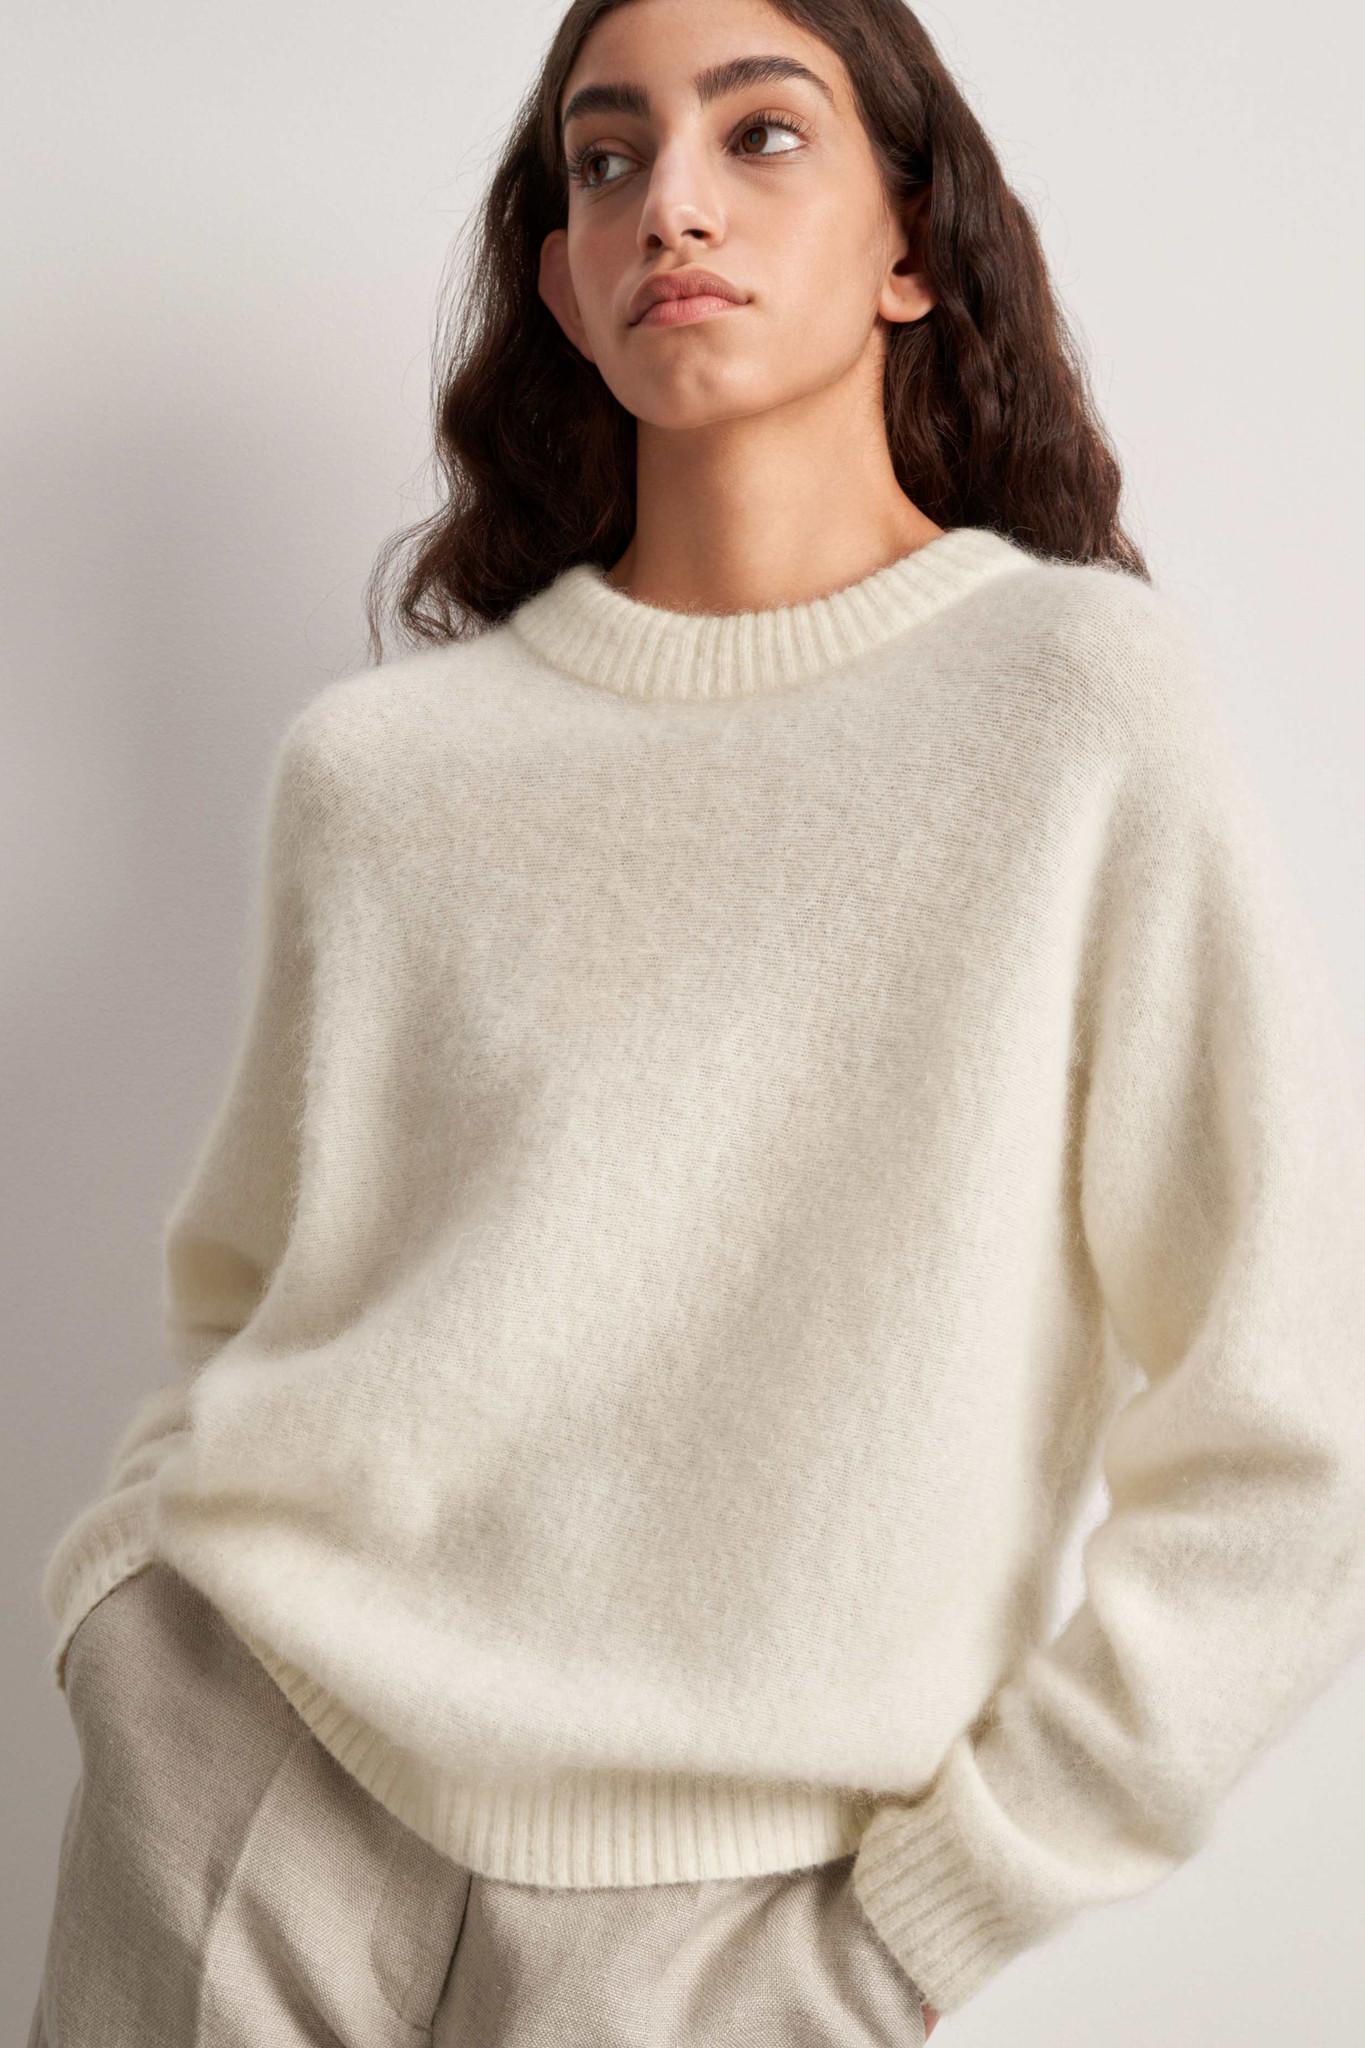 Gwynn Pullover - Pure White-2